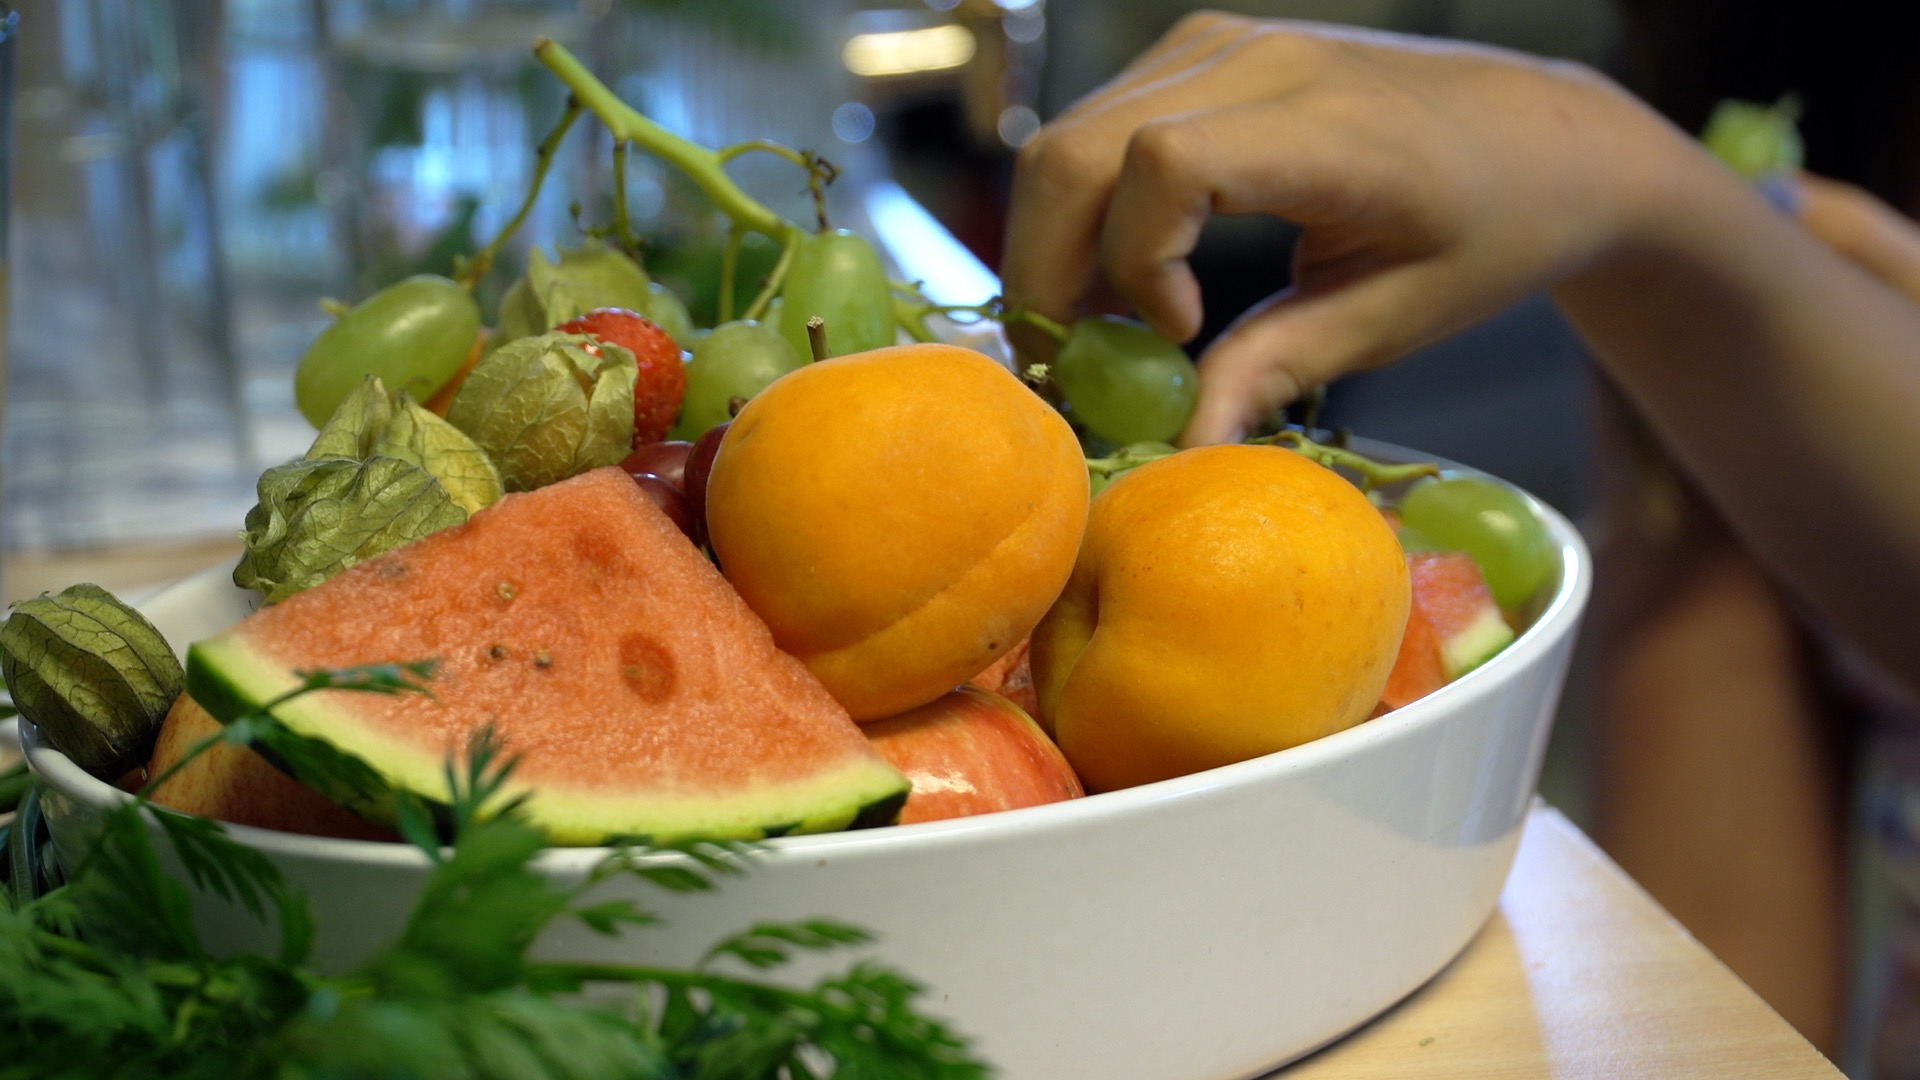 Gesundheit, Ernährung & Klimaschutz